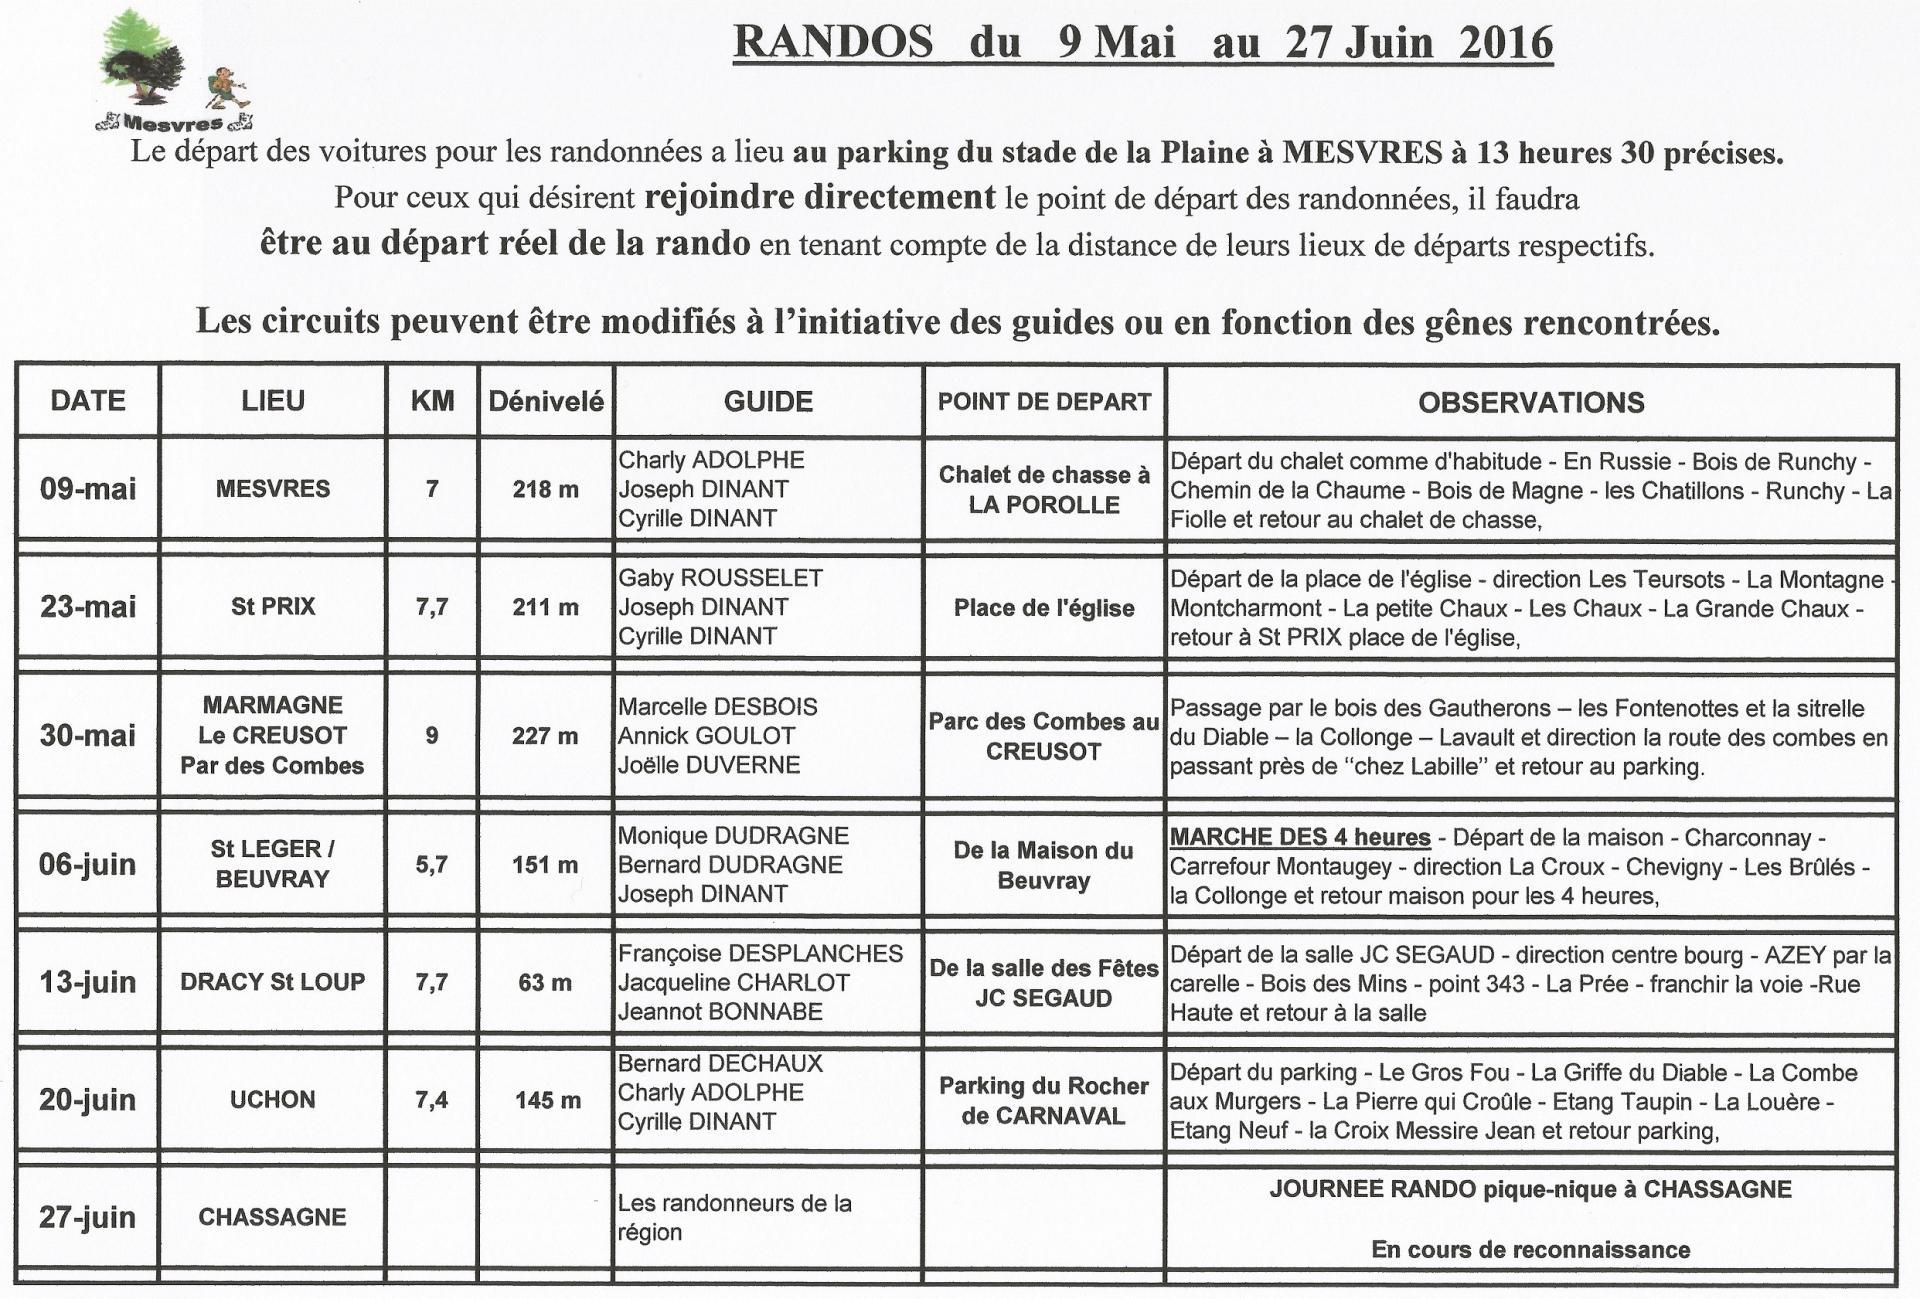 Parcours du 9 mai au 27 juin 2016